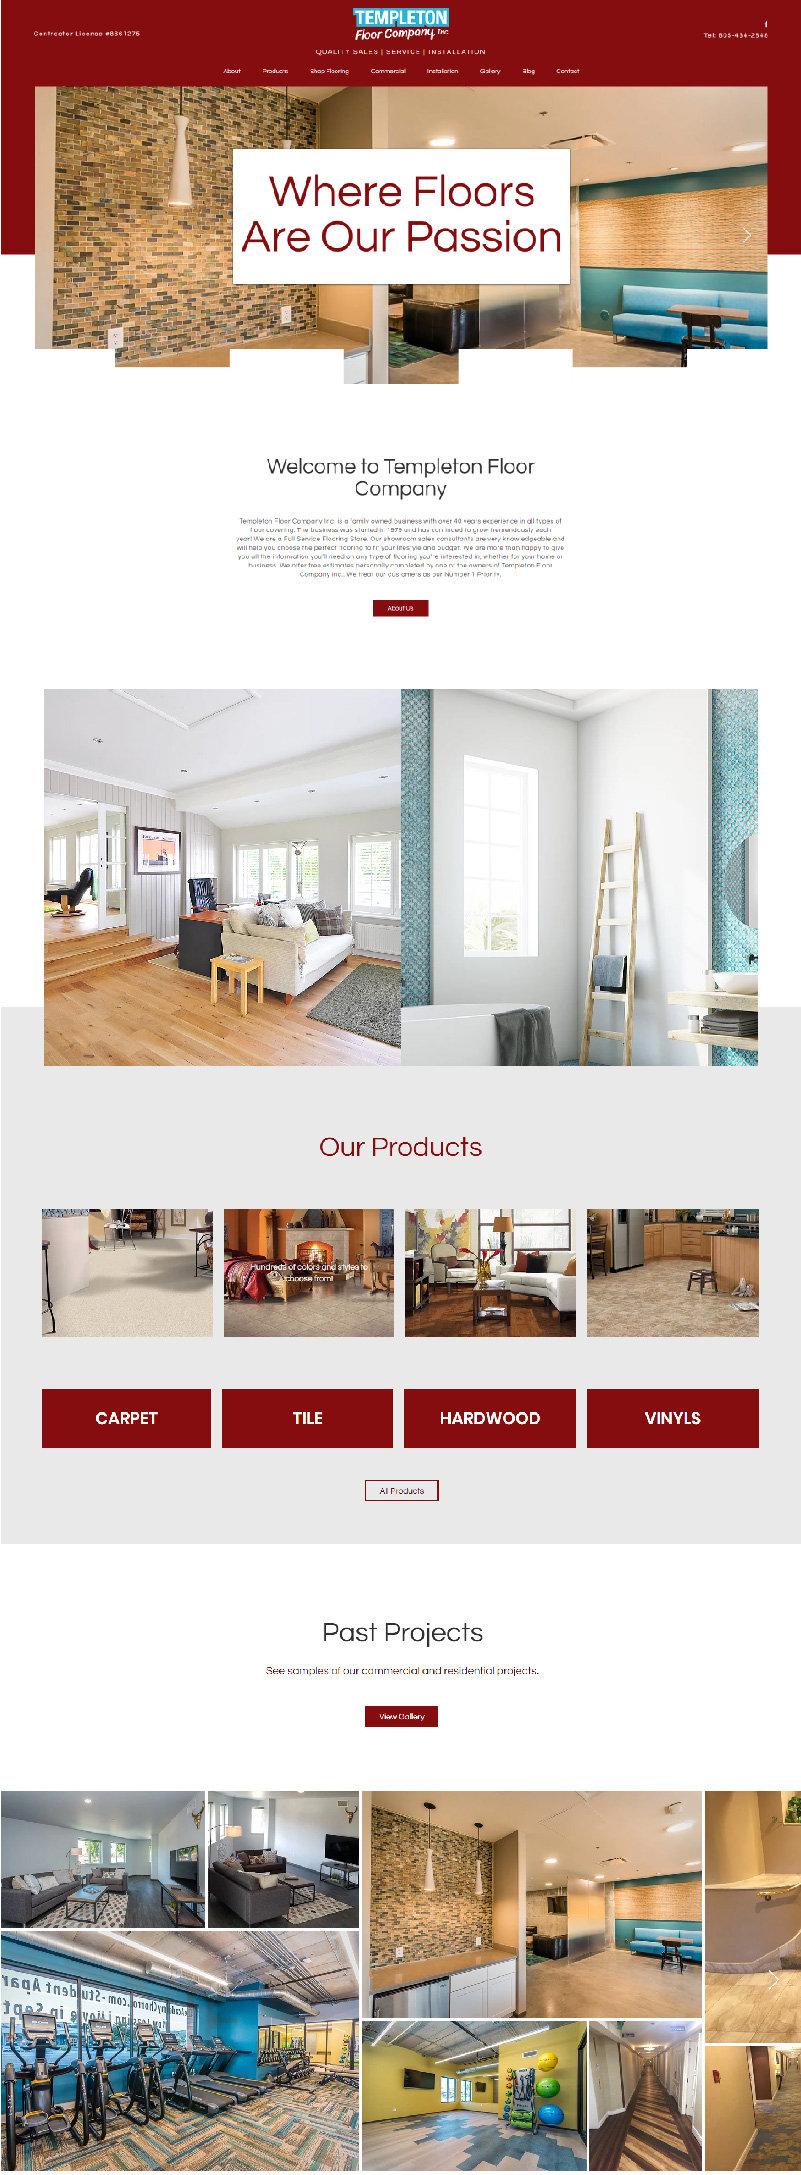 wix web design atlanta pixlrabbit, flooring company website